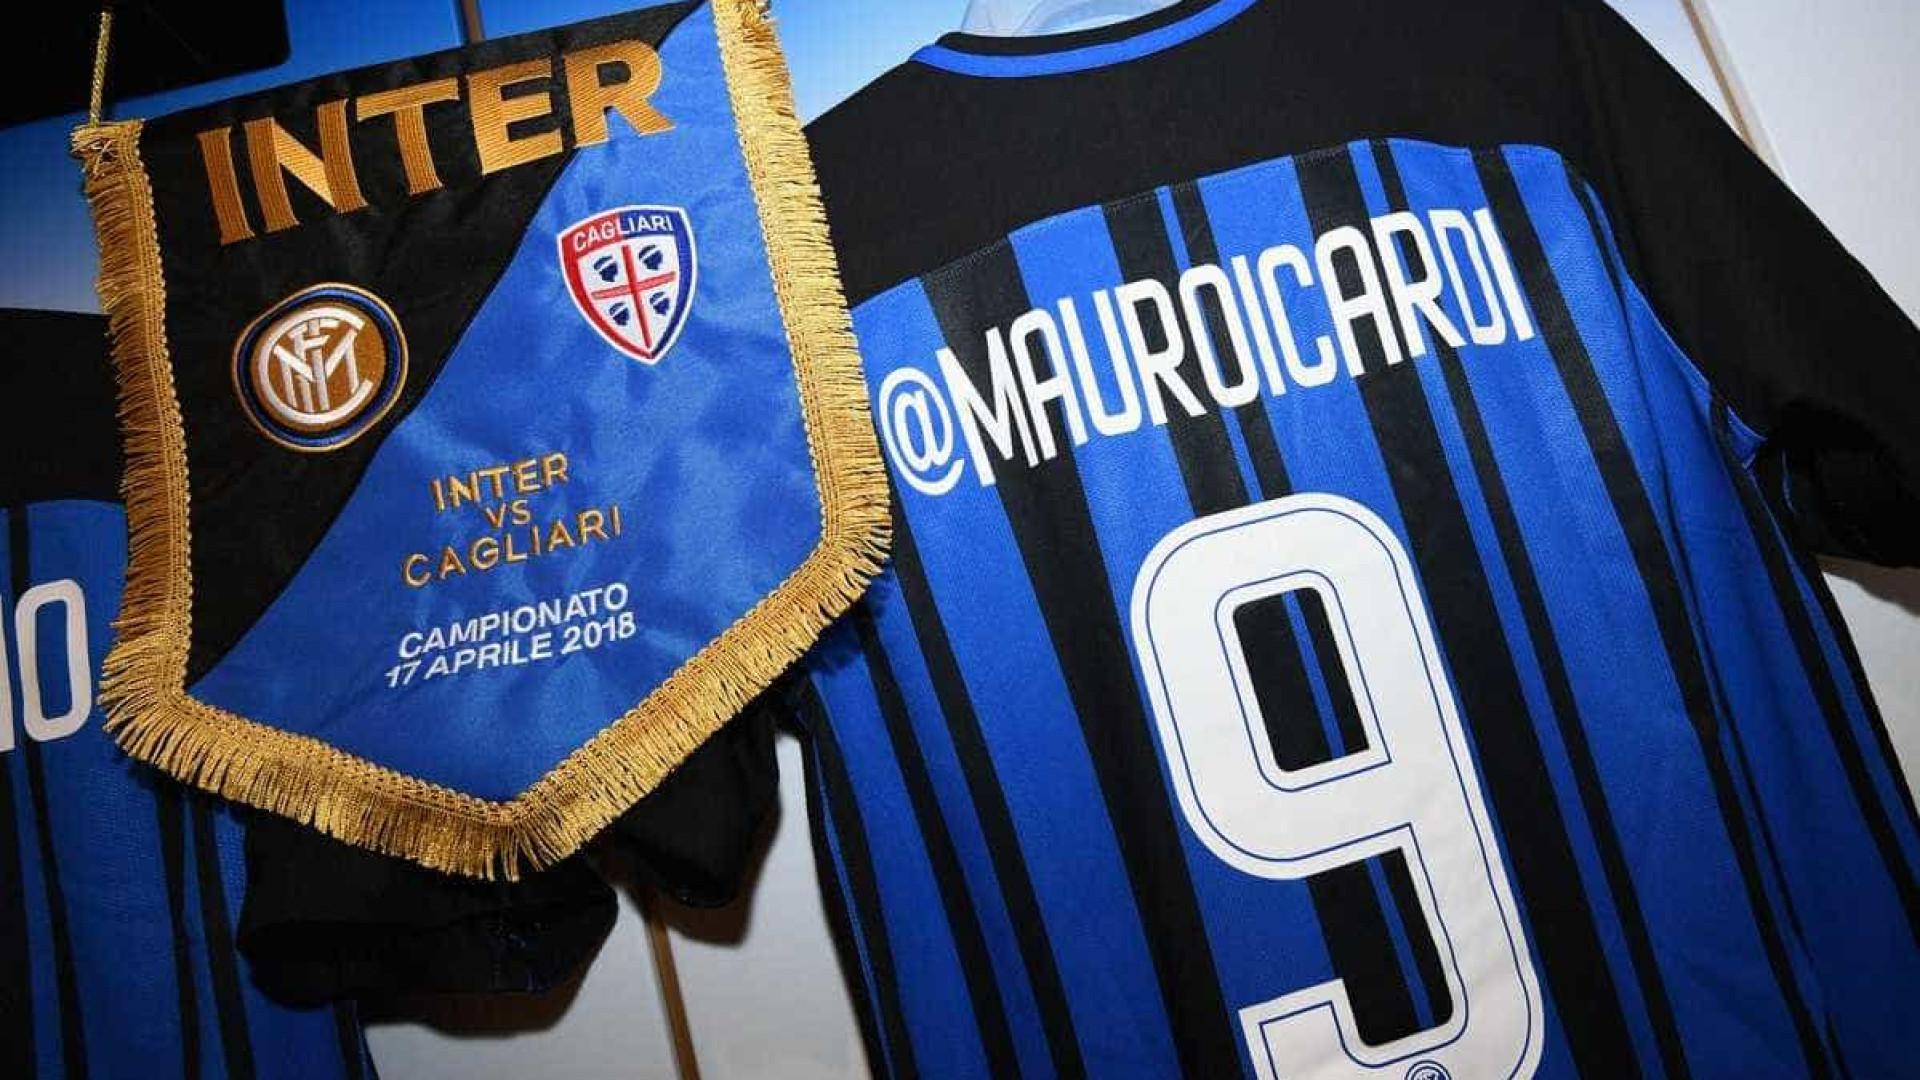 Inter de Milão troca nomes de jogadores por perfis de redes sociais